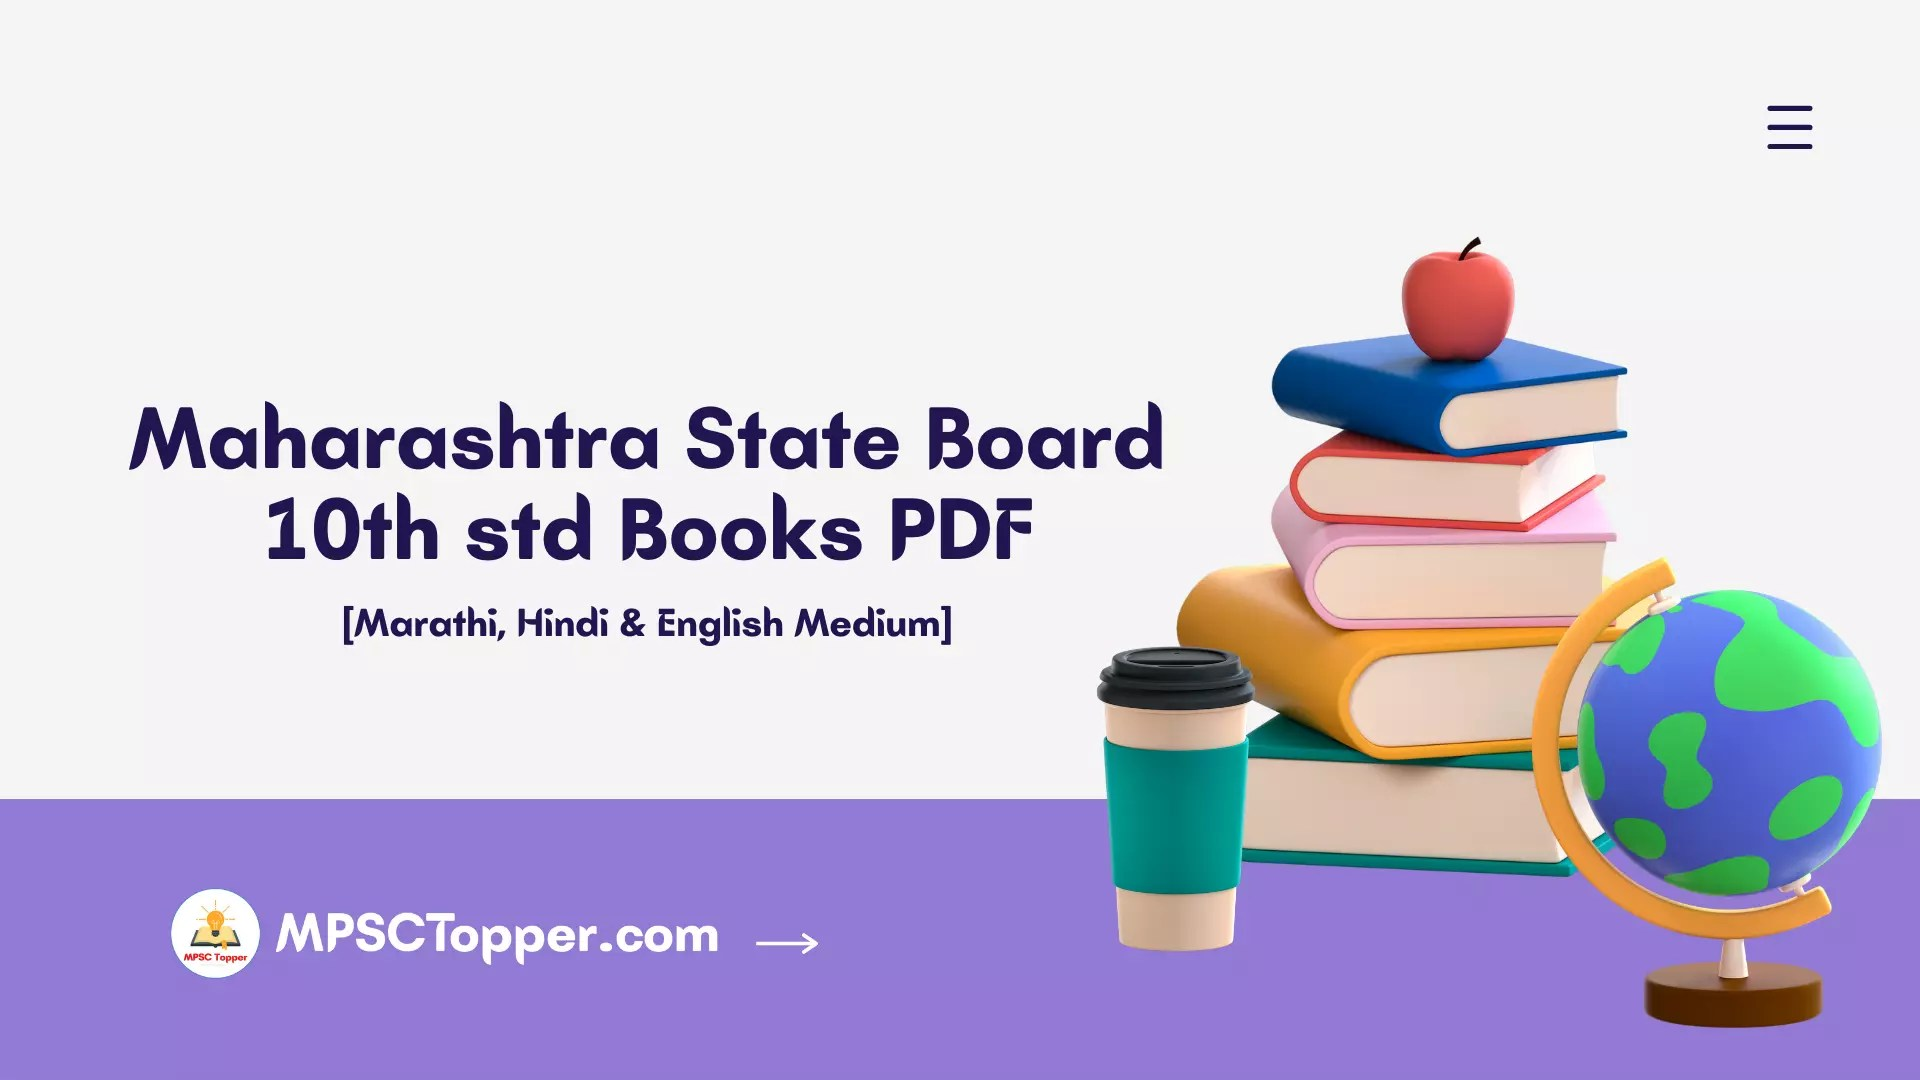 10th std textbook pdf